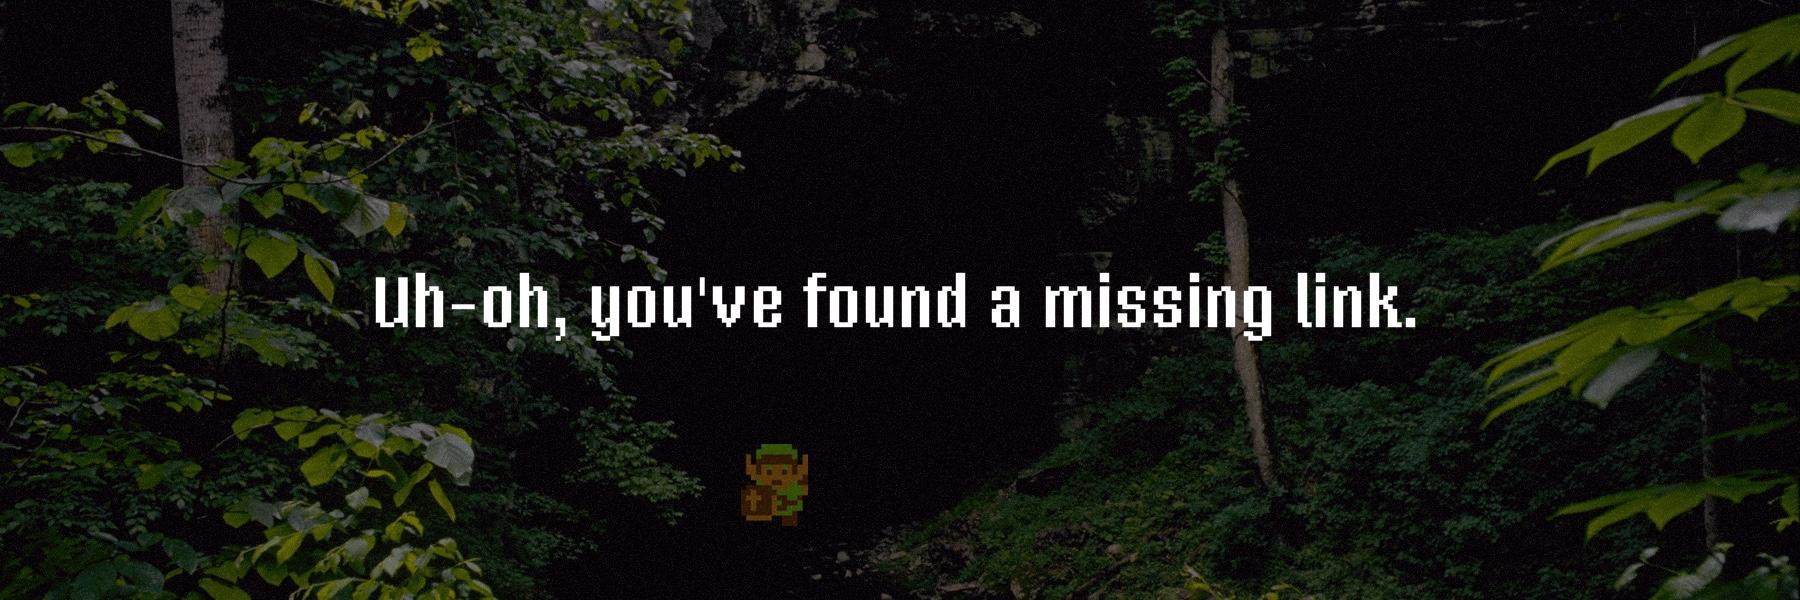 missing-link.jpg